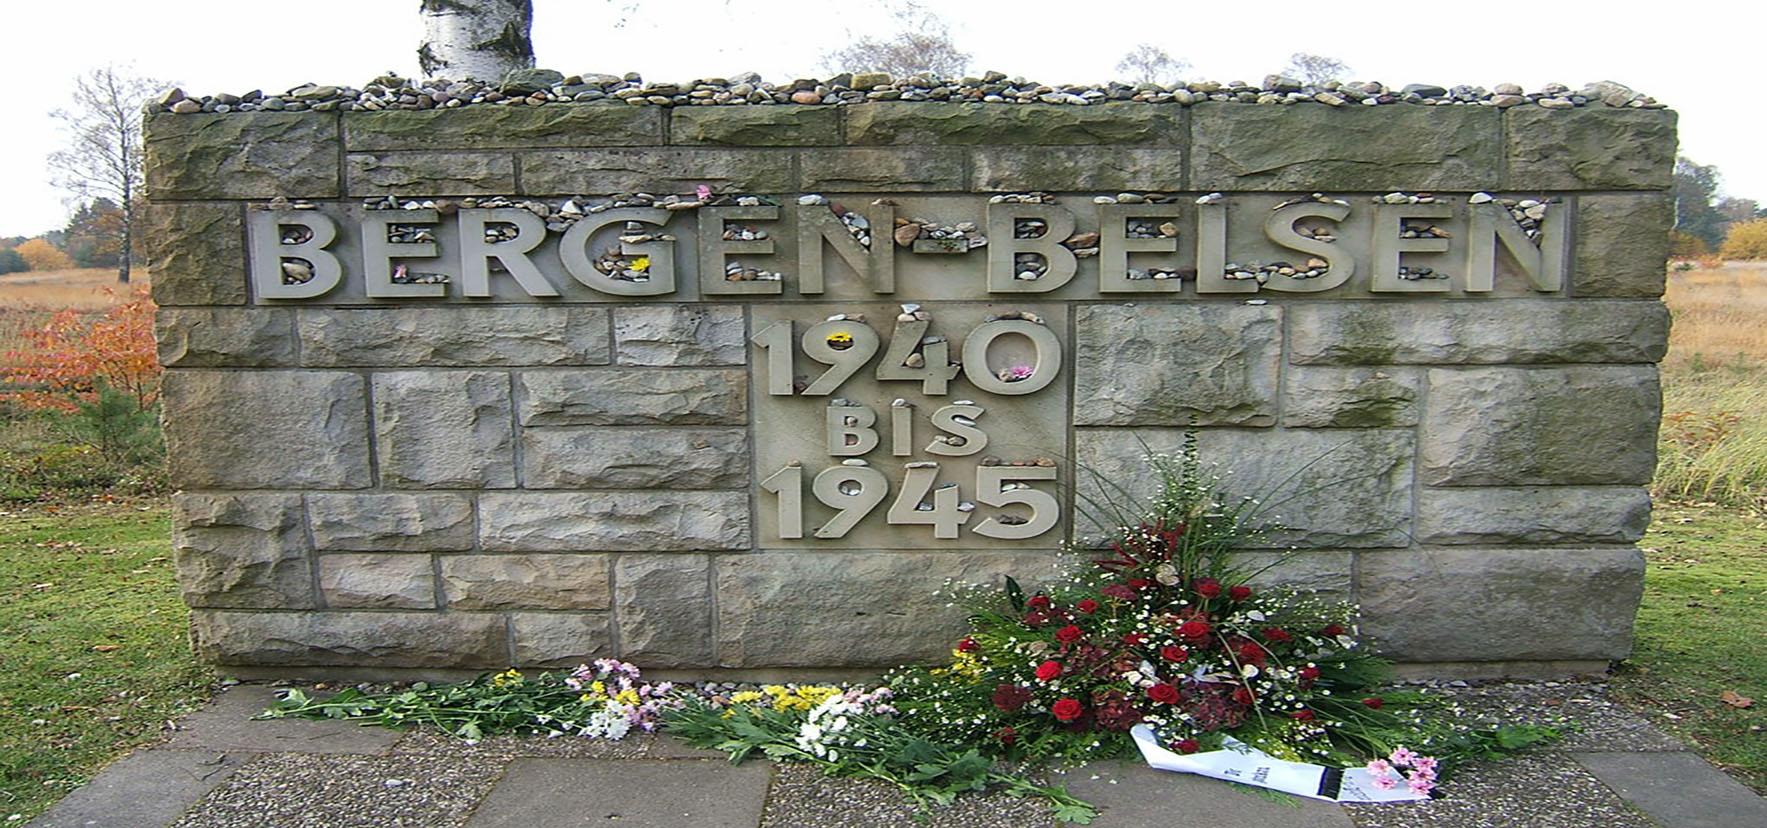 Belsen title image